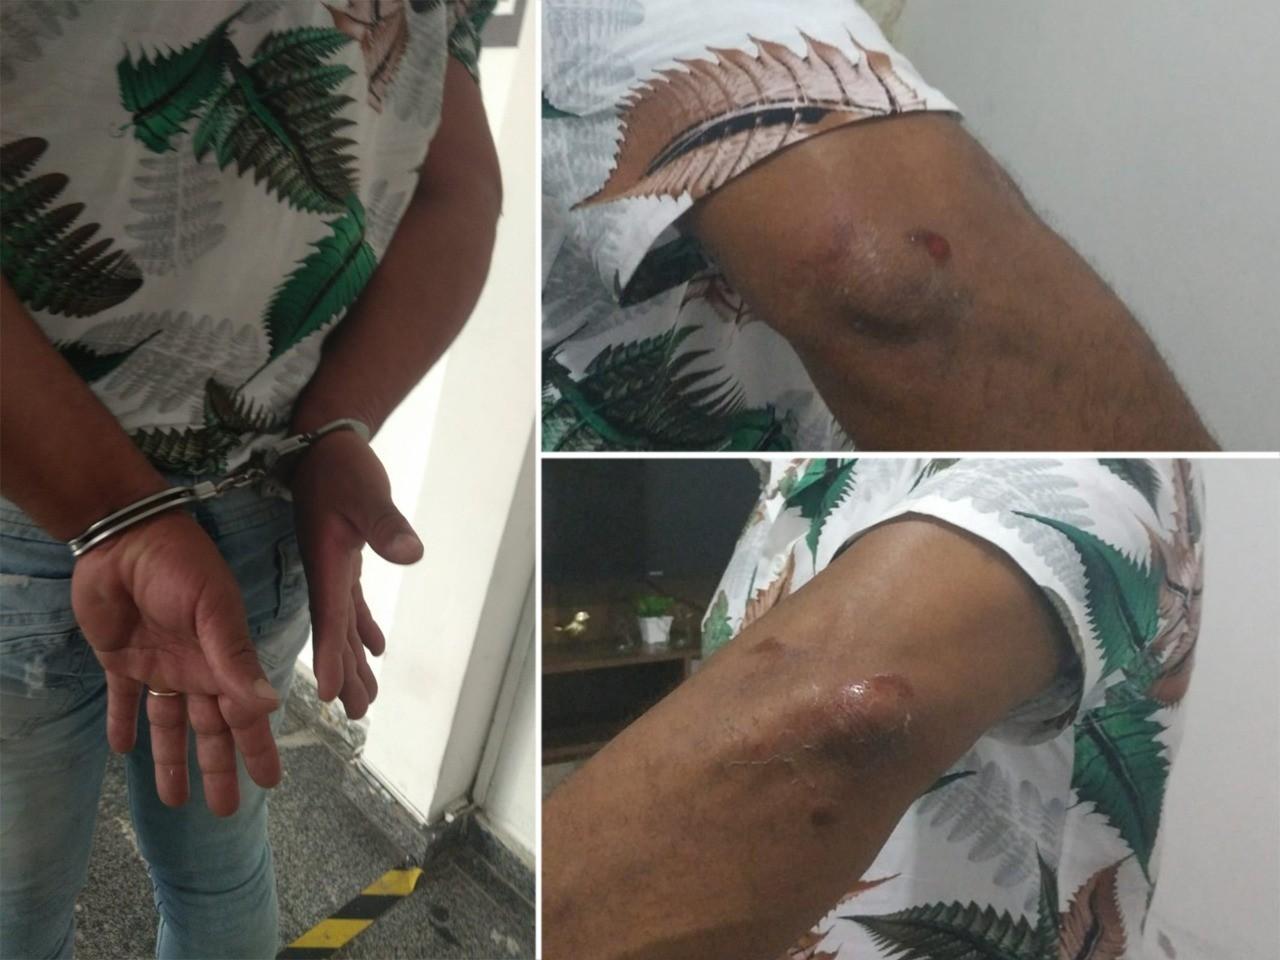 Agente penitenciário é algemado e relata uso de 'mata-leão' em abordagem da PM de SP: 'Acham que só eles são policiais'